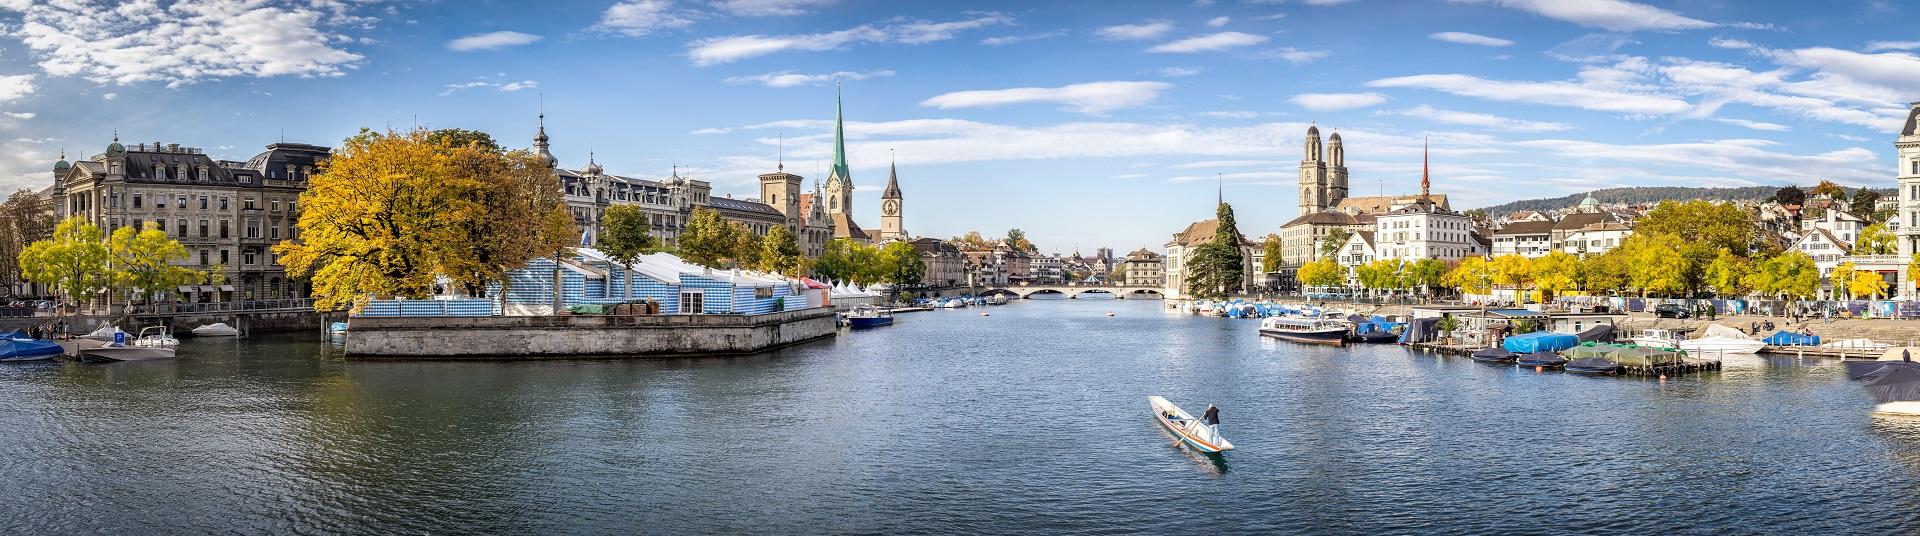 Week-end pas cher Zurich